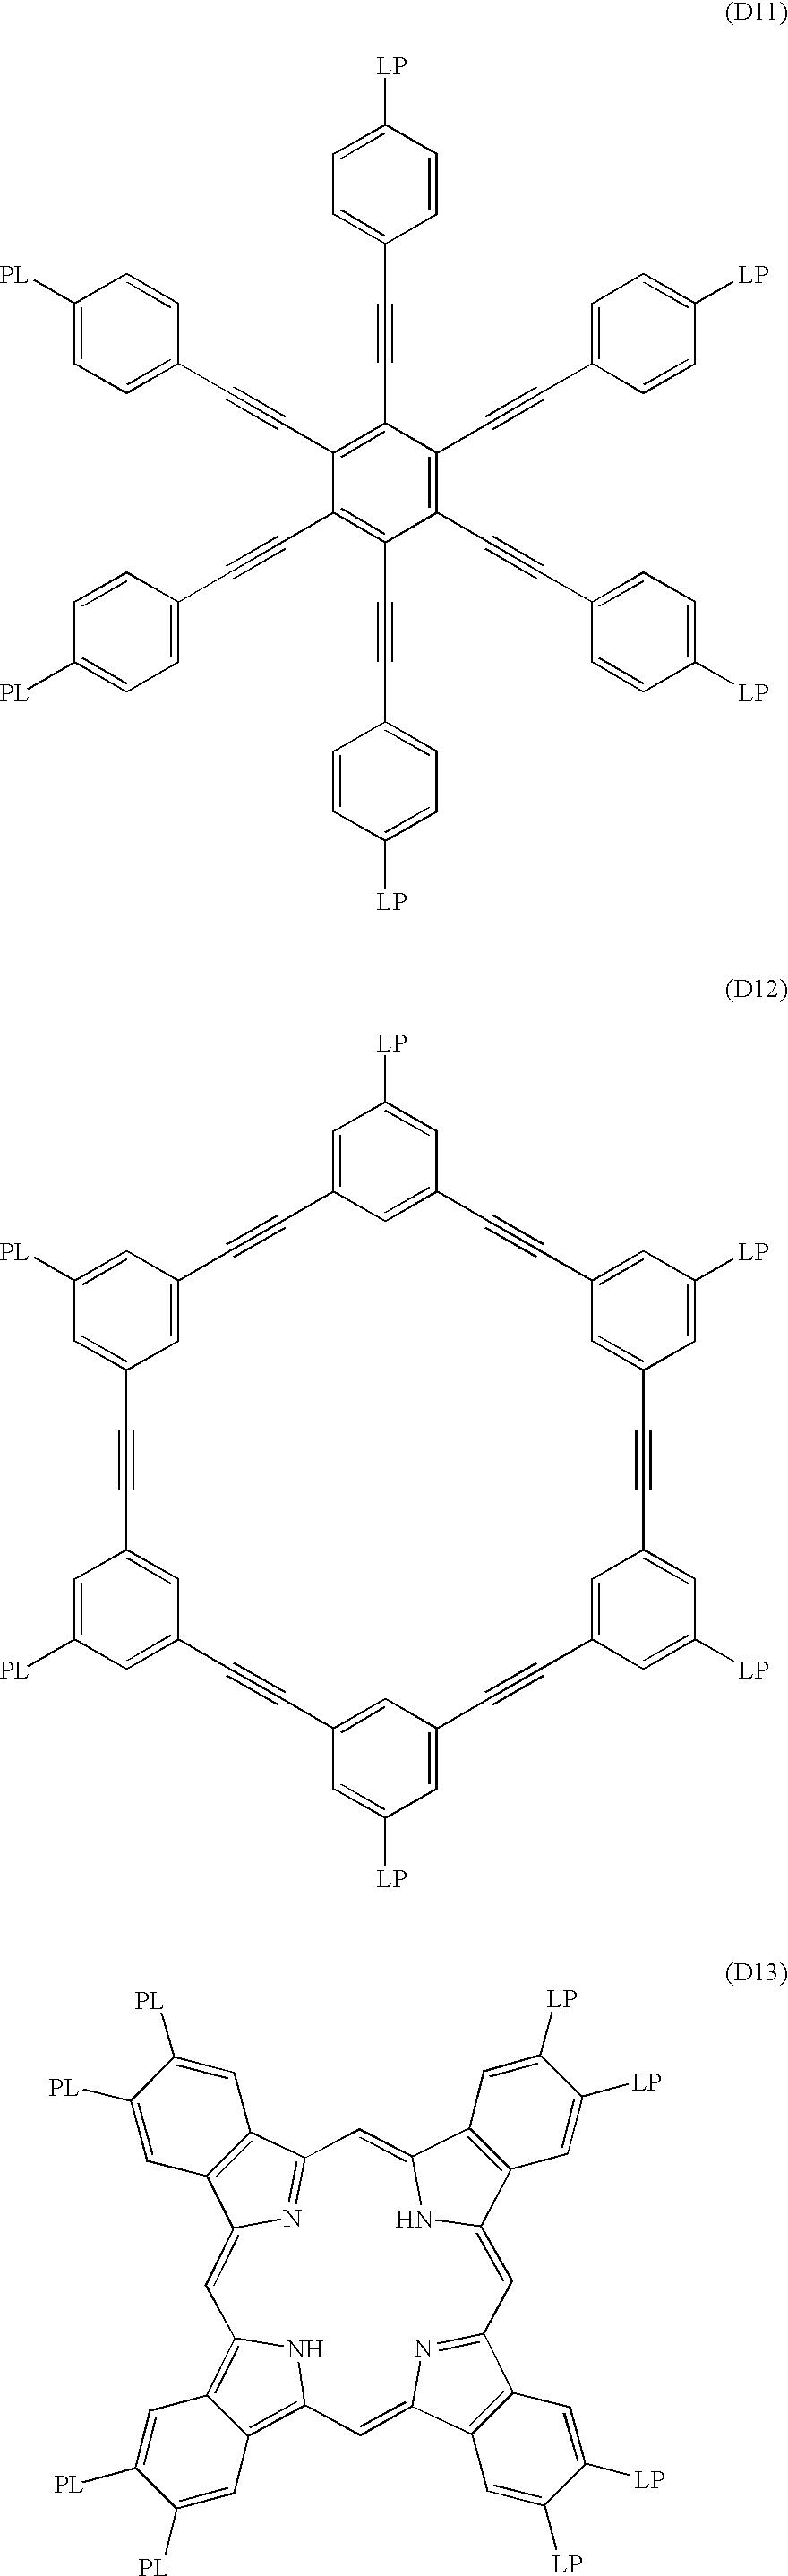 Figure US20030218709A1-20031127-C00012